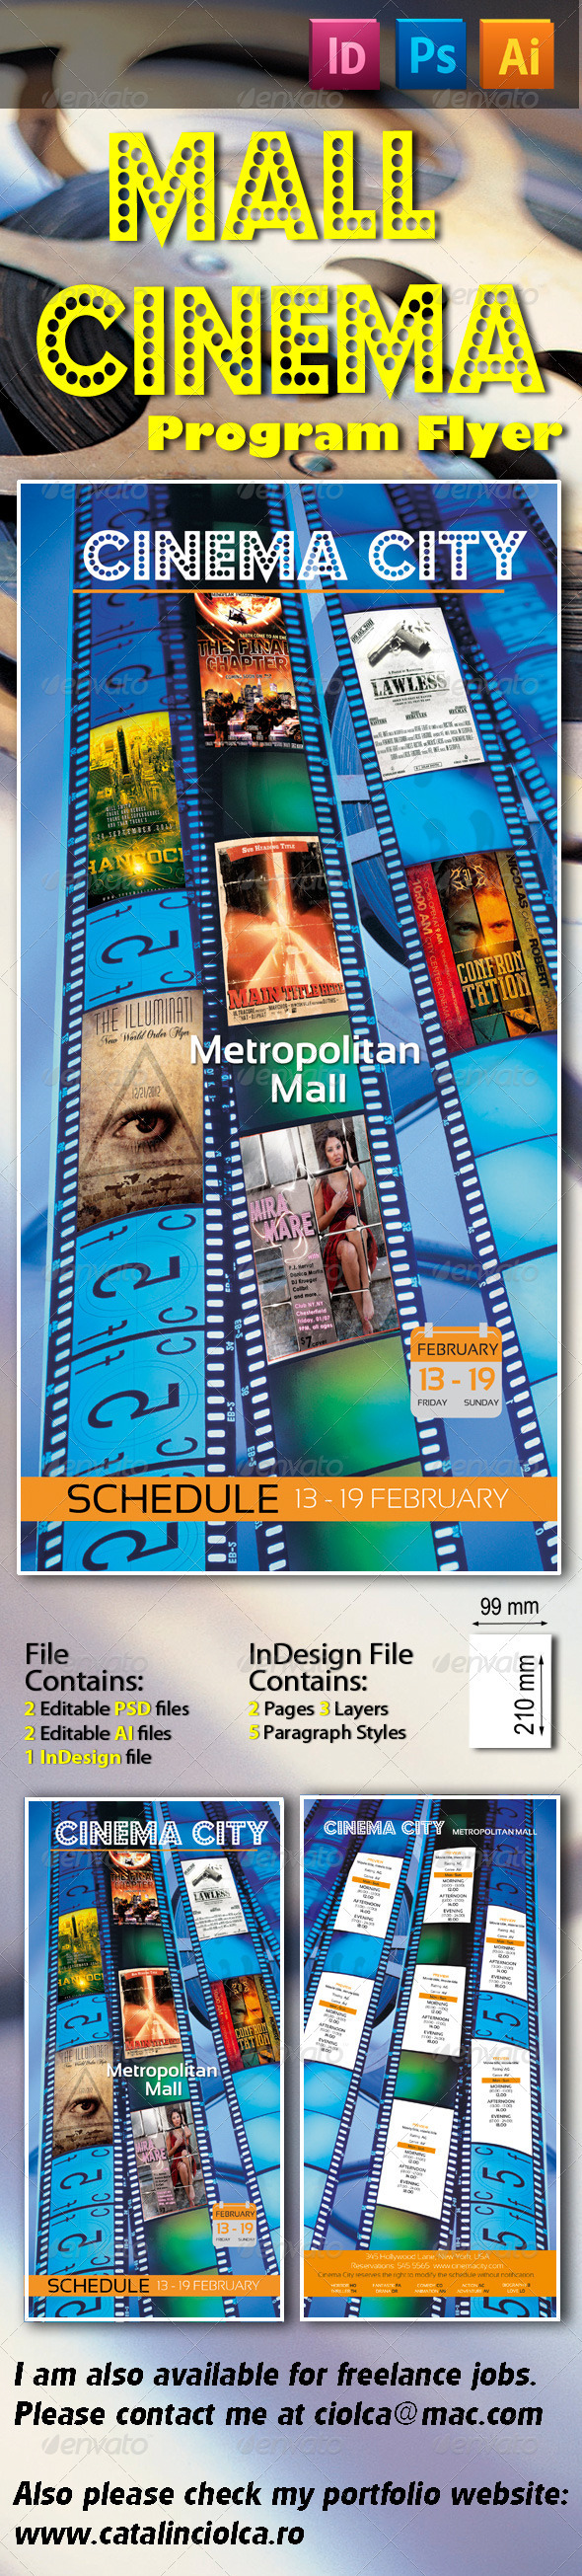 Mall Cinema Program Flyer - Flyers Print Templates